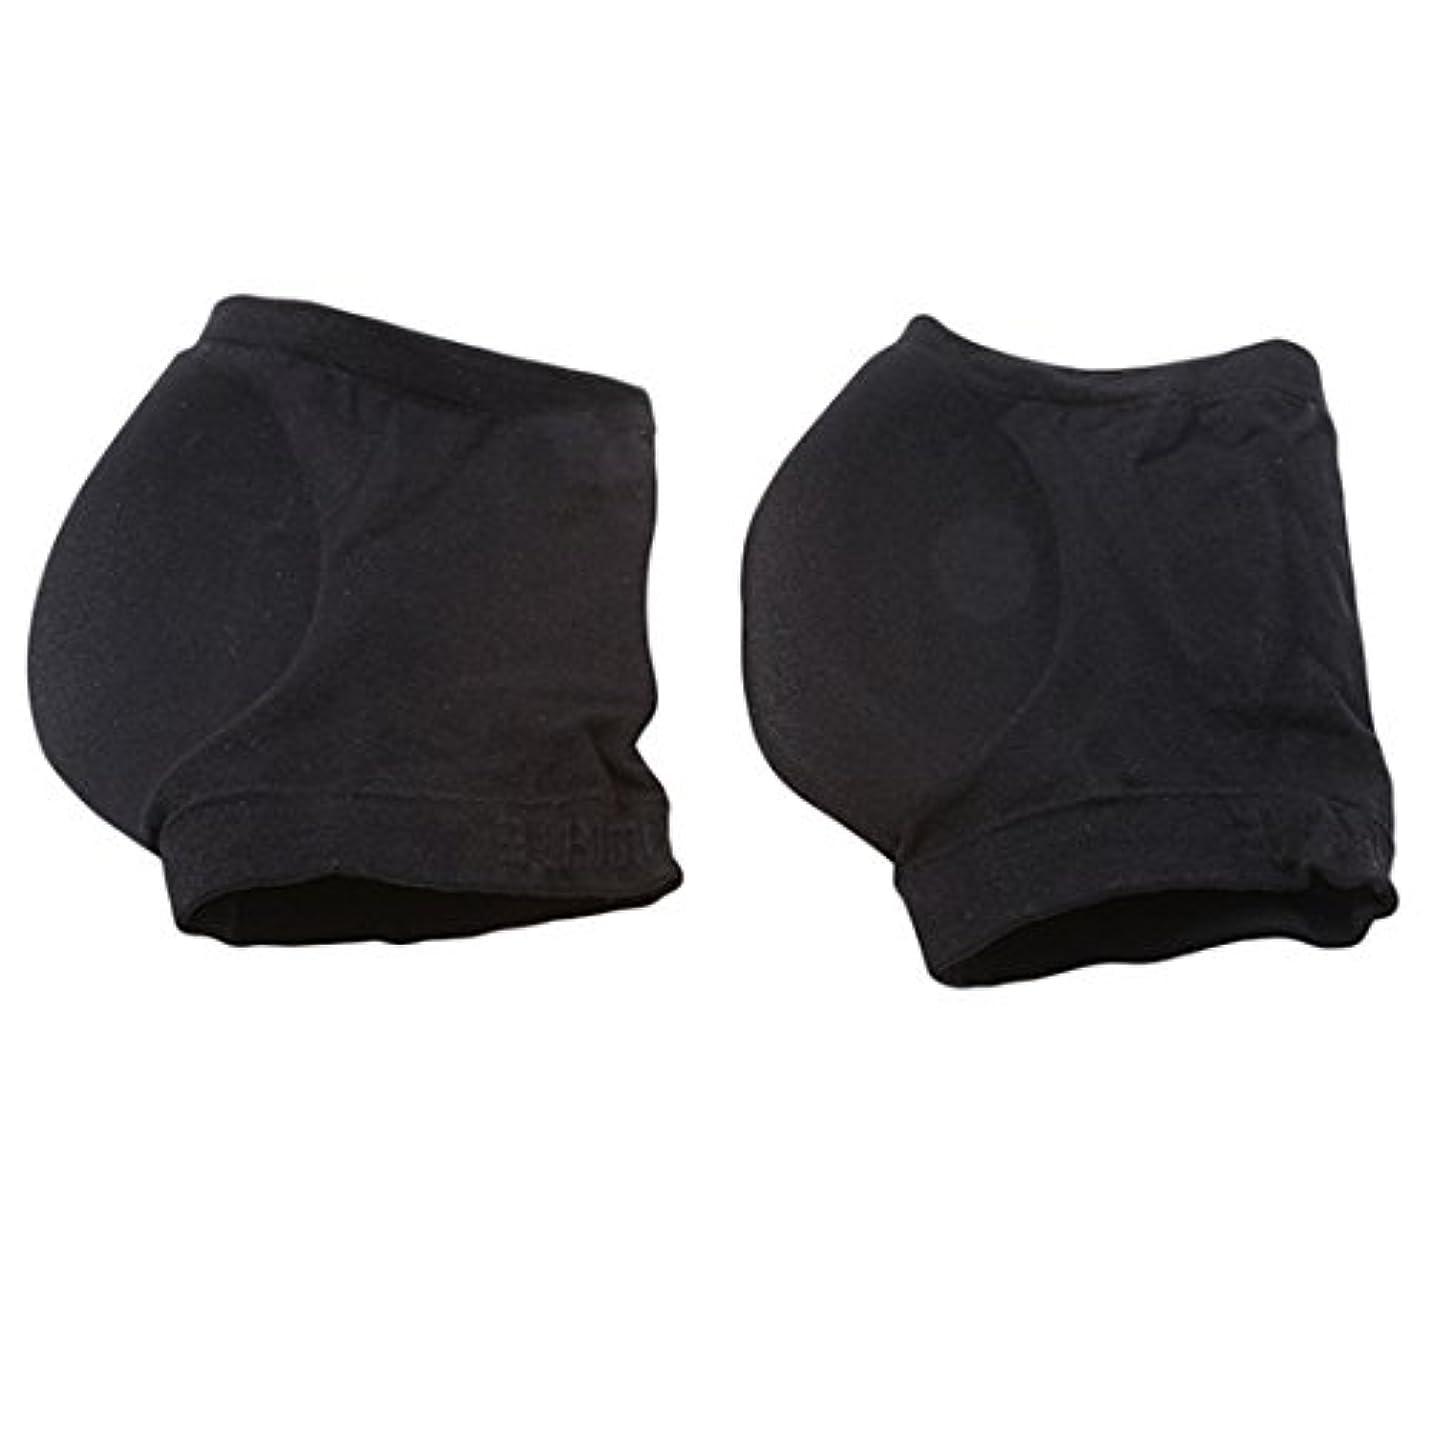 離す出会い医薬KLUMA 靴下 かかと ソックス 角質ケア うるおい 保湿 角質除去 足ケア レディース メンズ